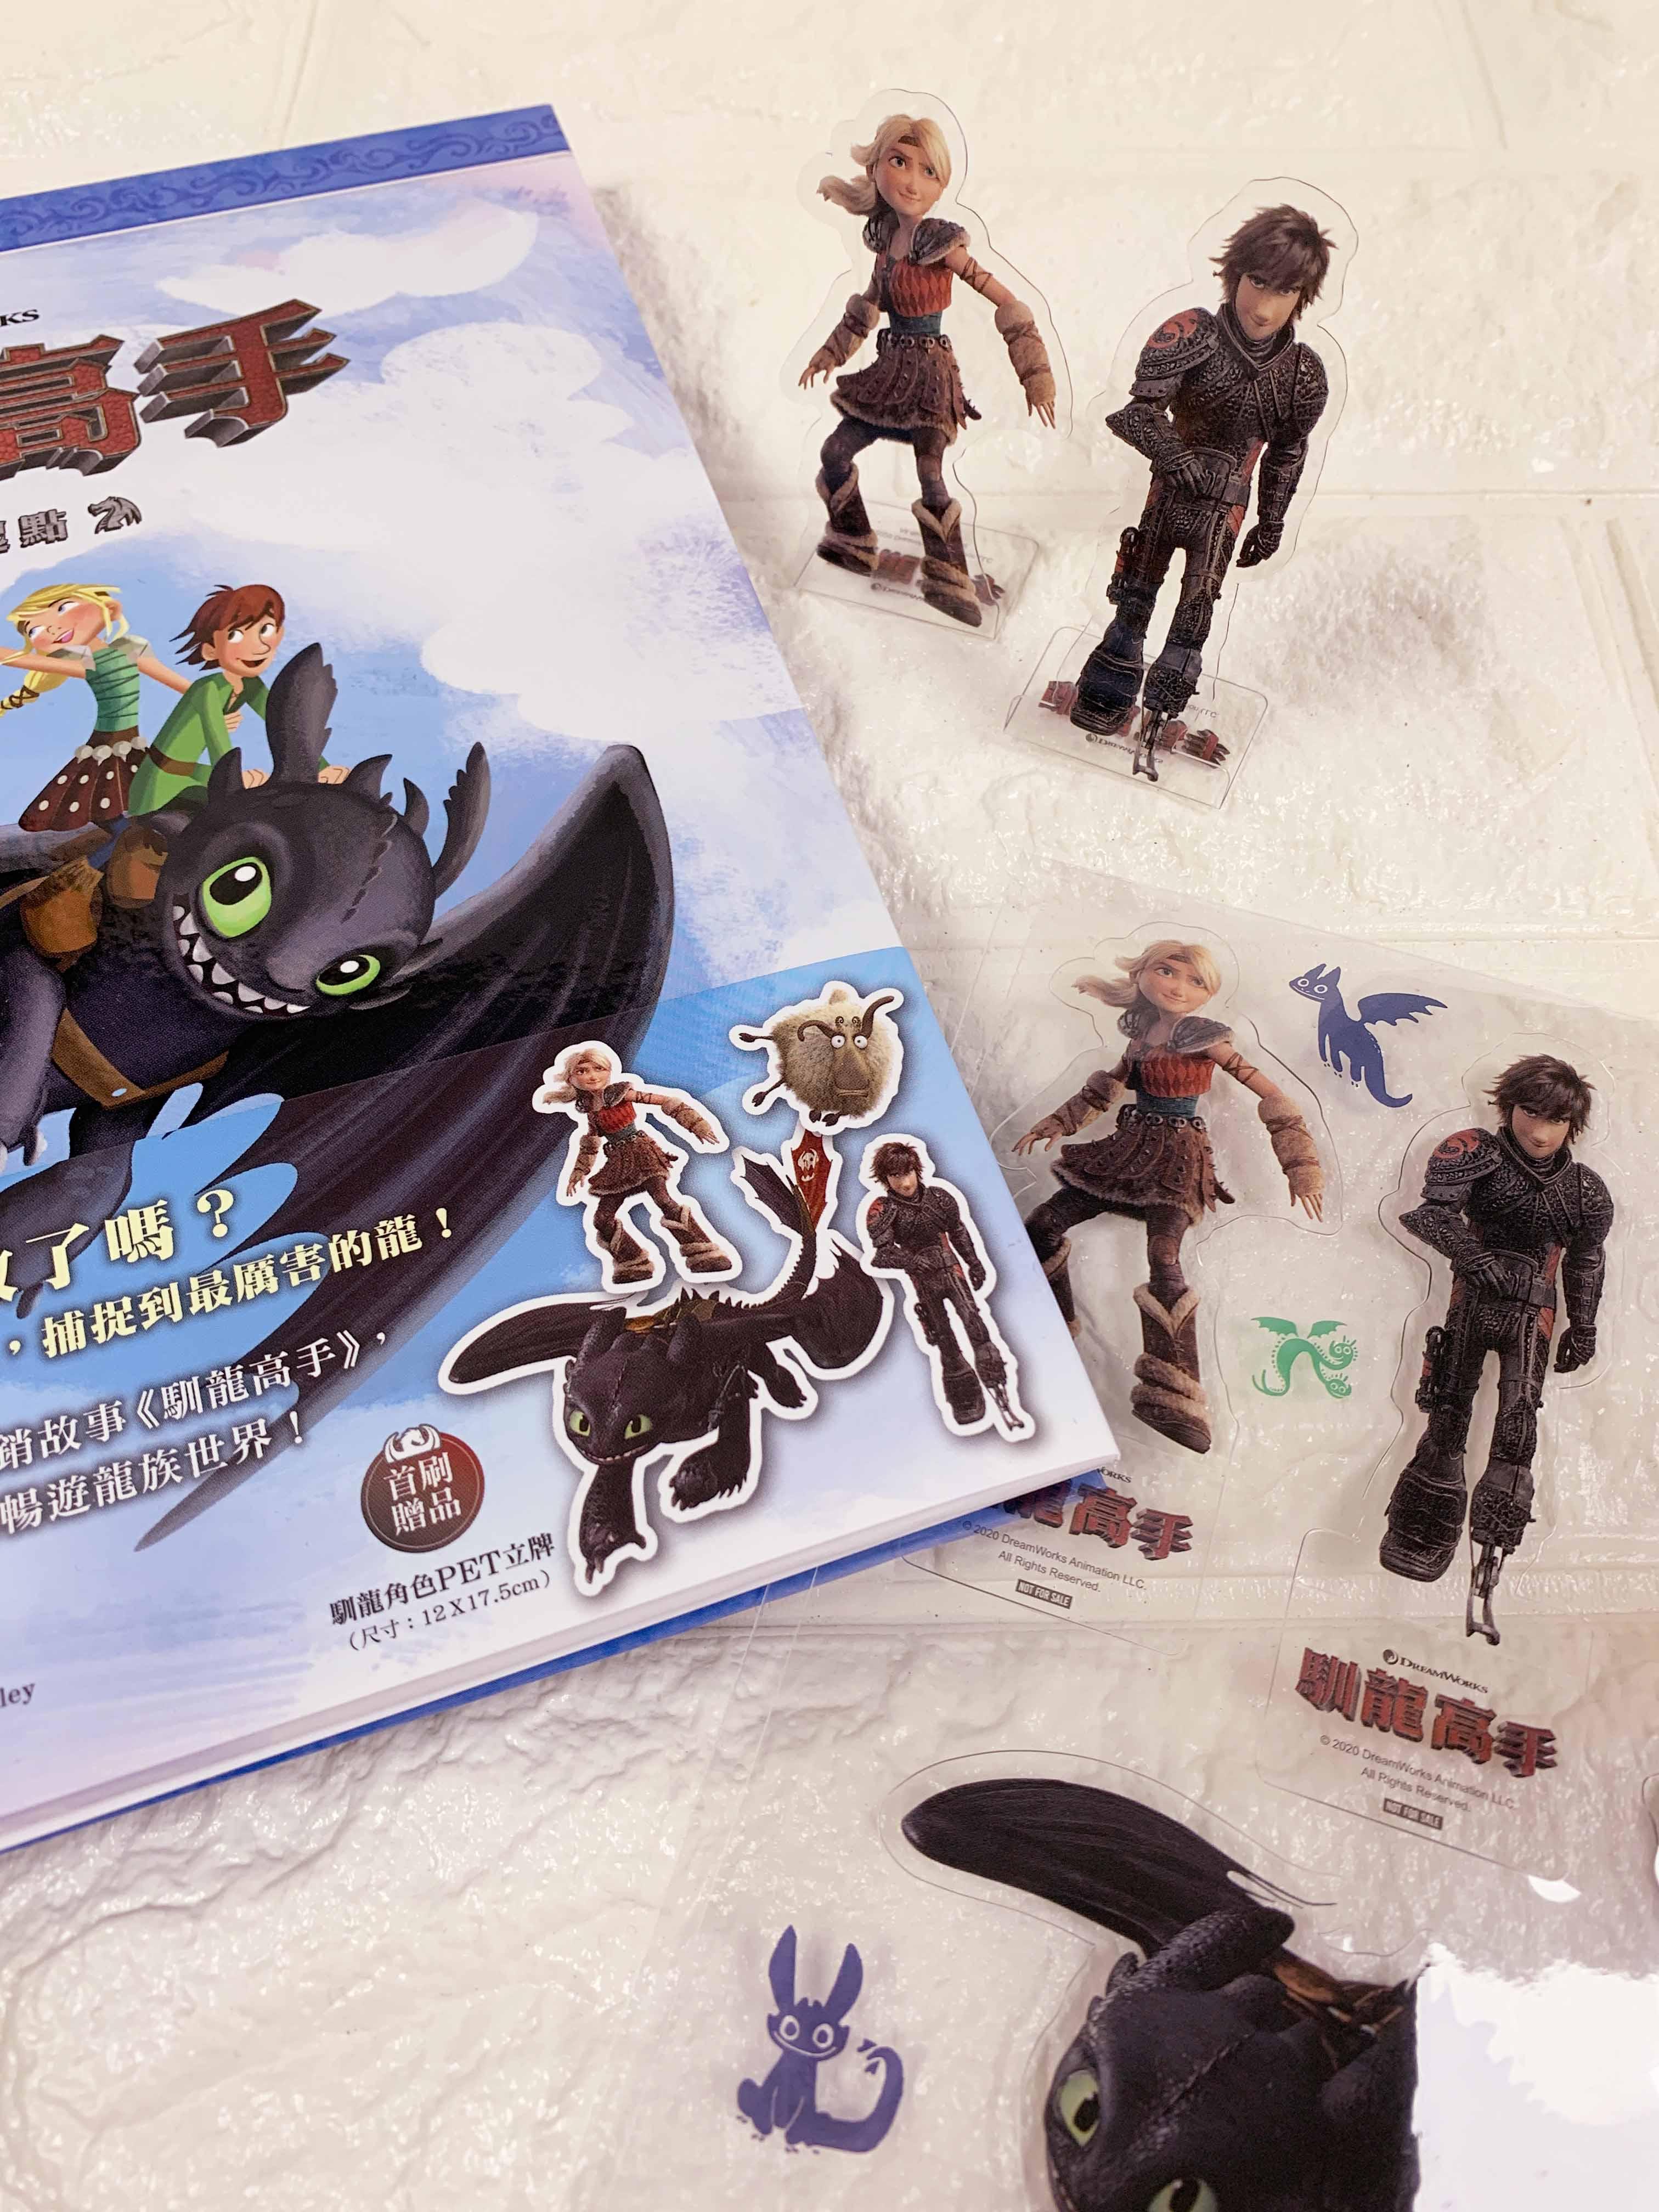 環球影業官方授權童書繪本 《馴龍高手故事繪本1:夢想的起點》 長得瘦弱矮小,就註定失敗了嗎? Iuoooo12